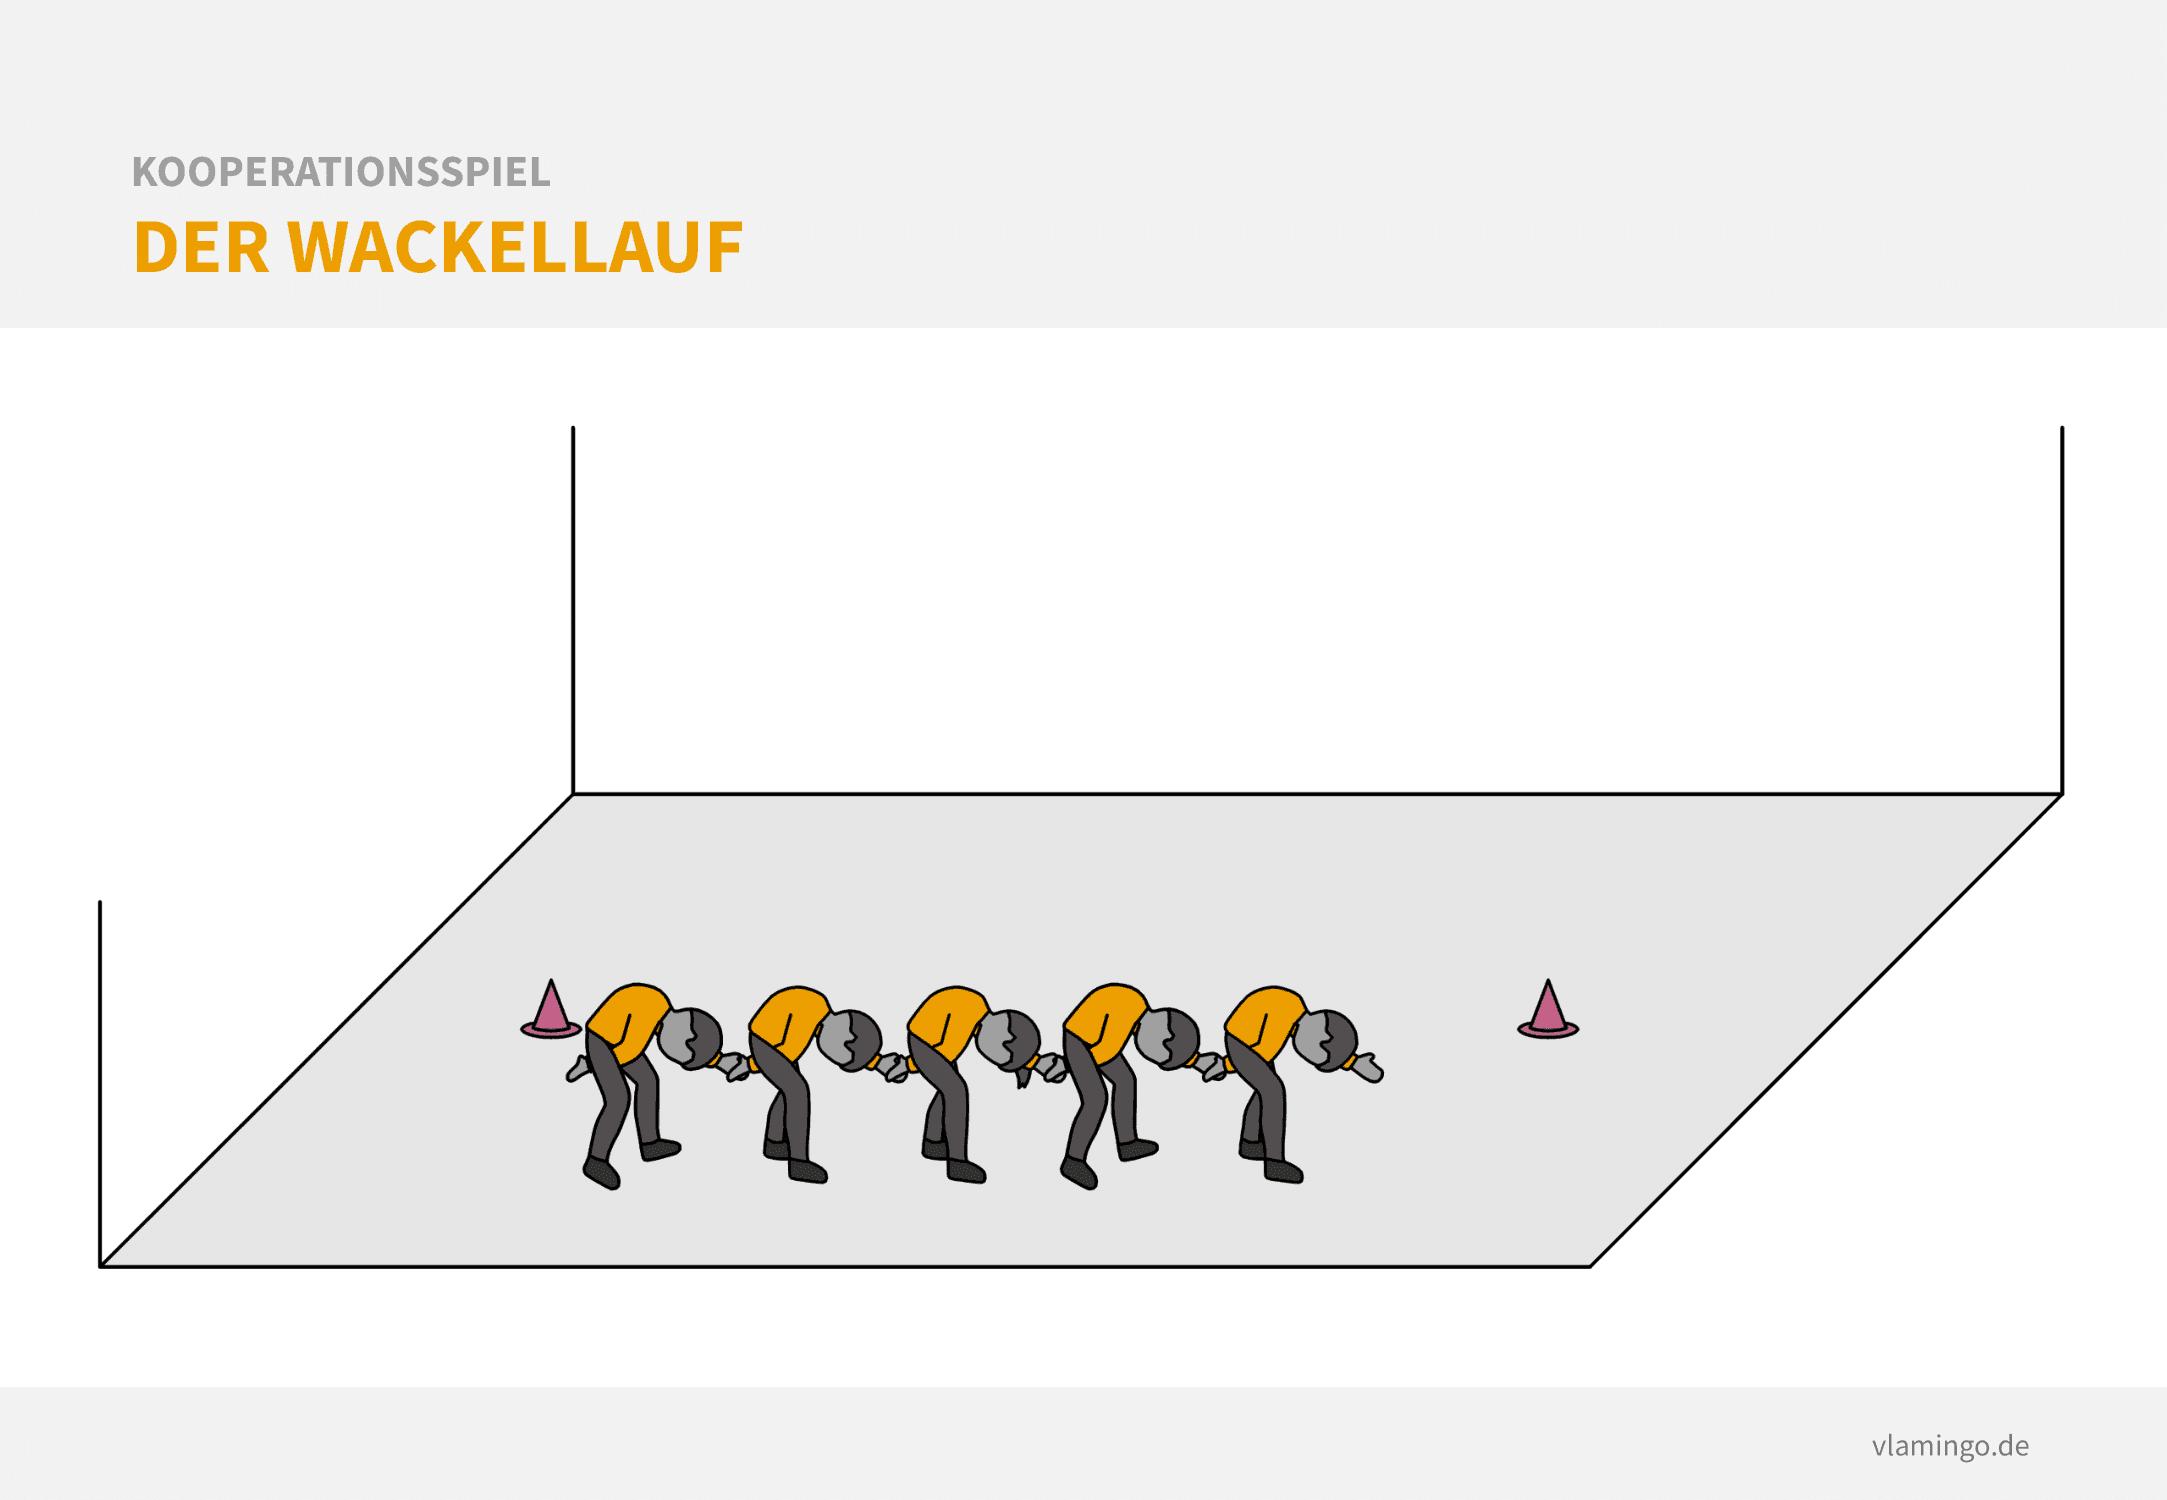 Kooperationsspiel: Der Wackellauf